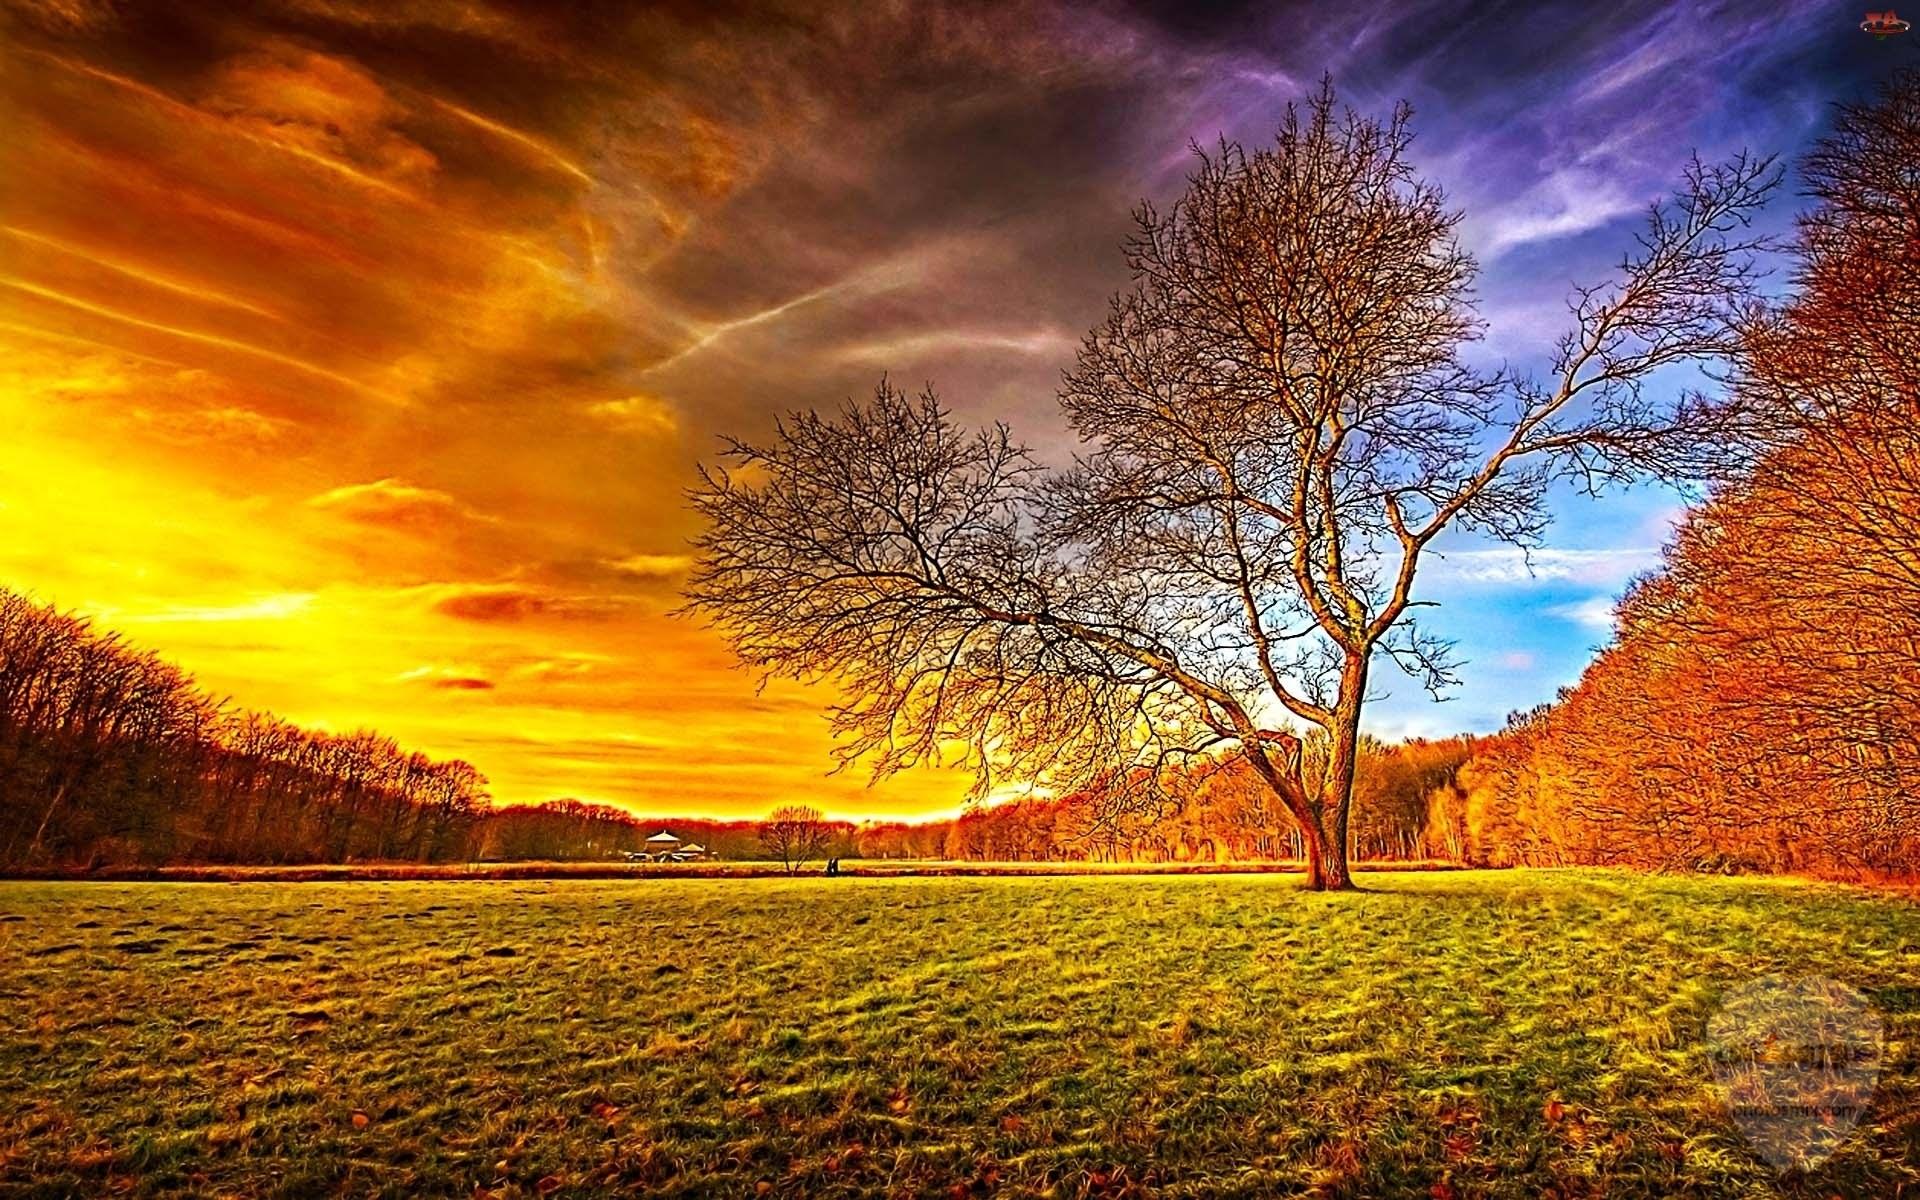 صور طبيعة جميلة صور وخلفيات الطبيعه 2020 أجمل صور للطبيعة 25